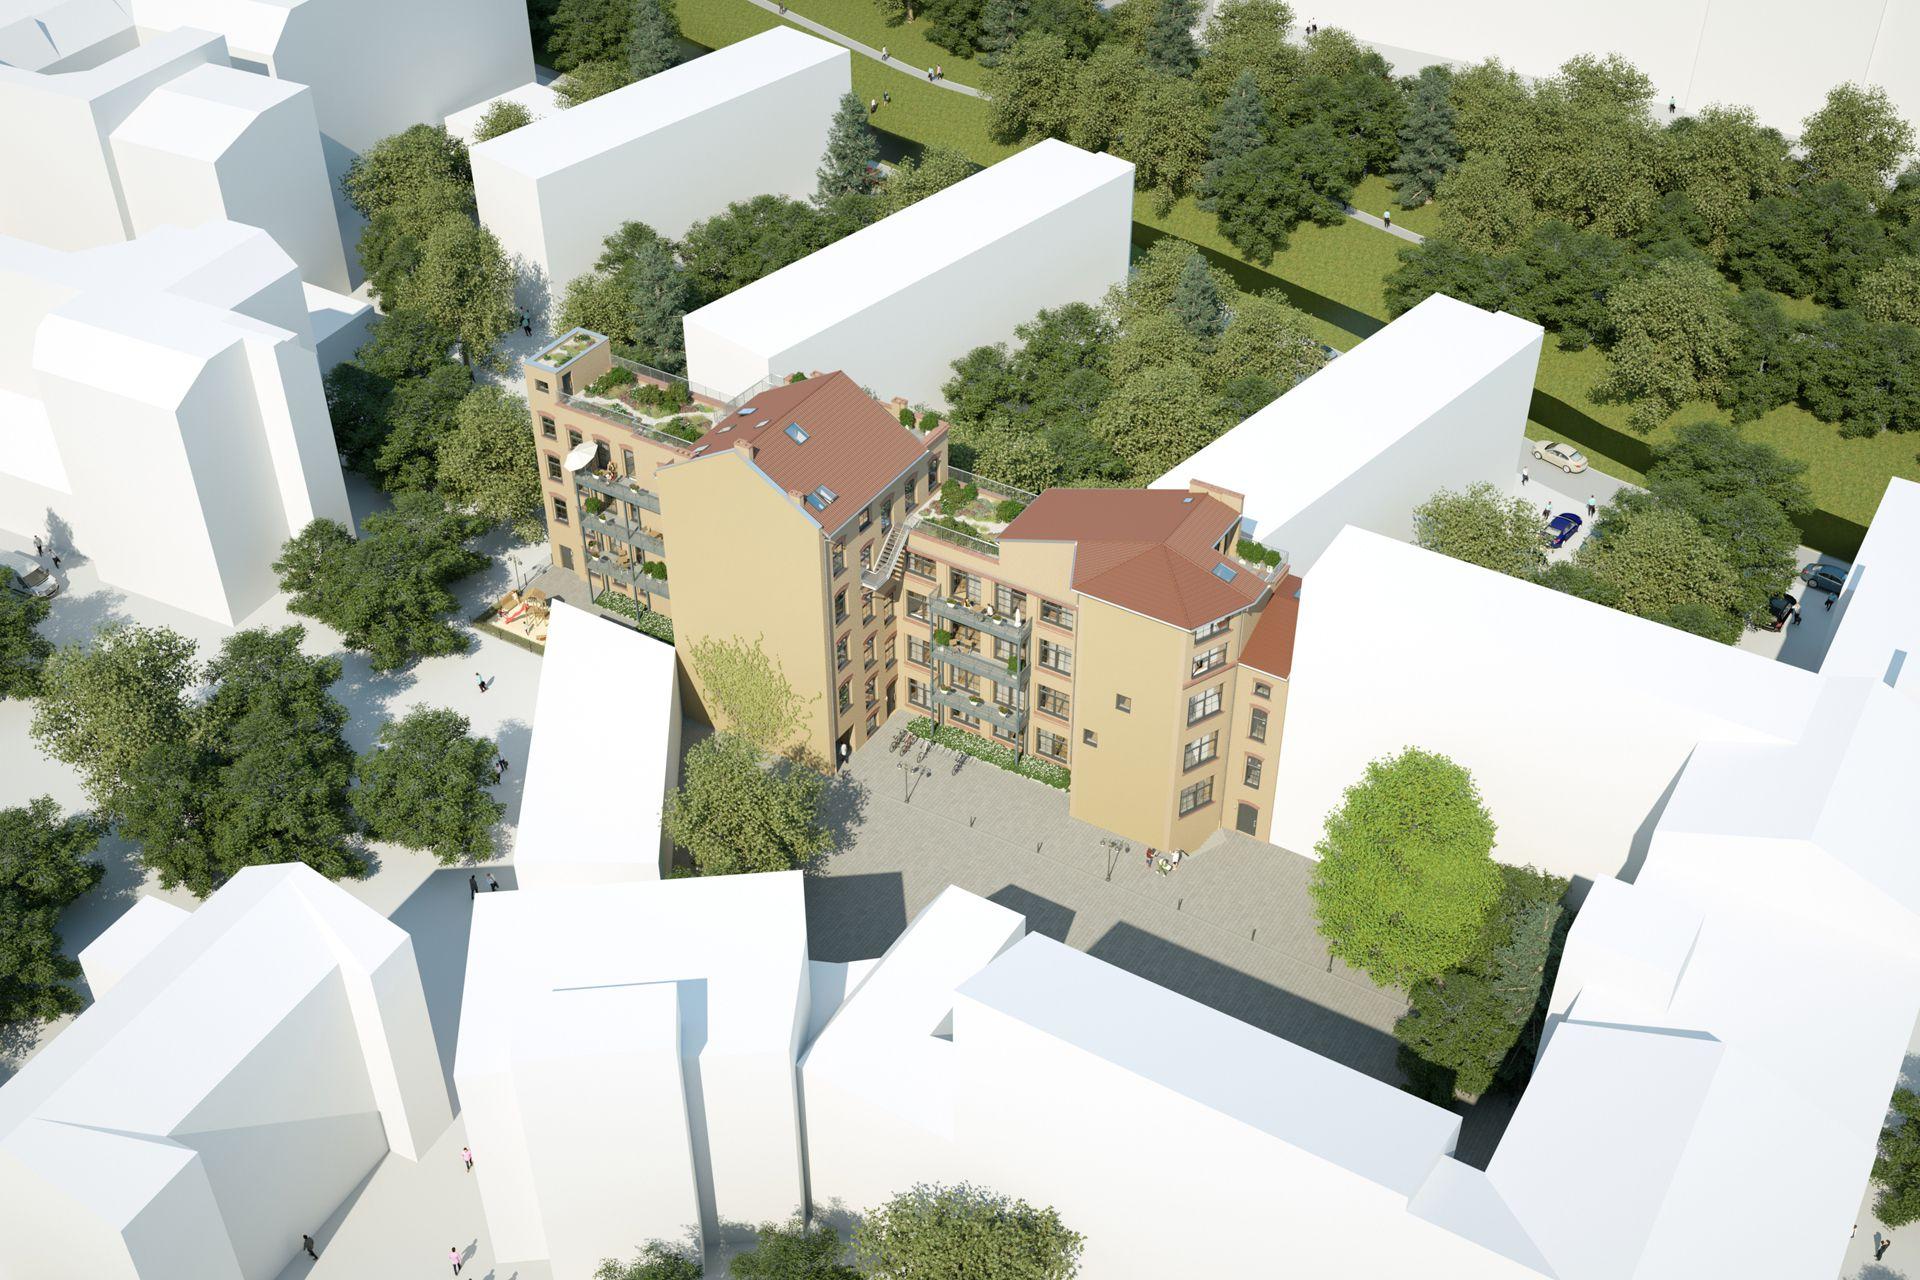 Plankosmos - Architekturvisualisierung und 3D Visualisierung